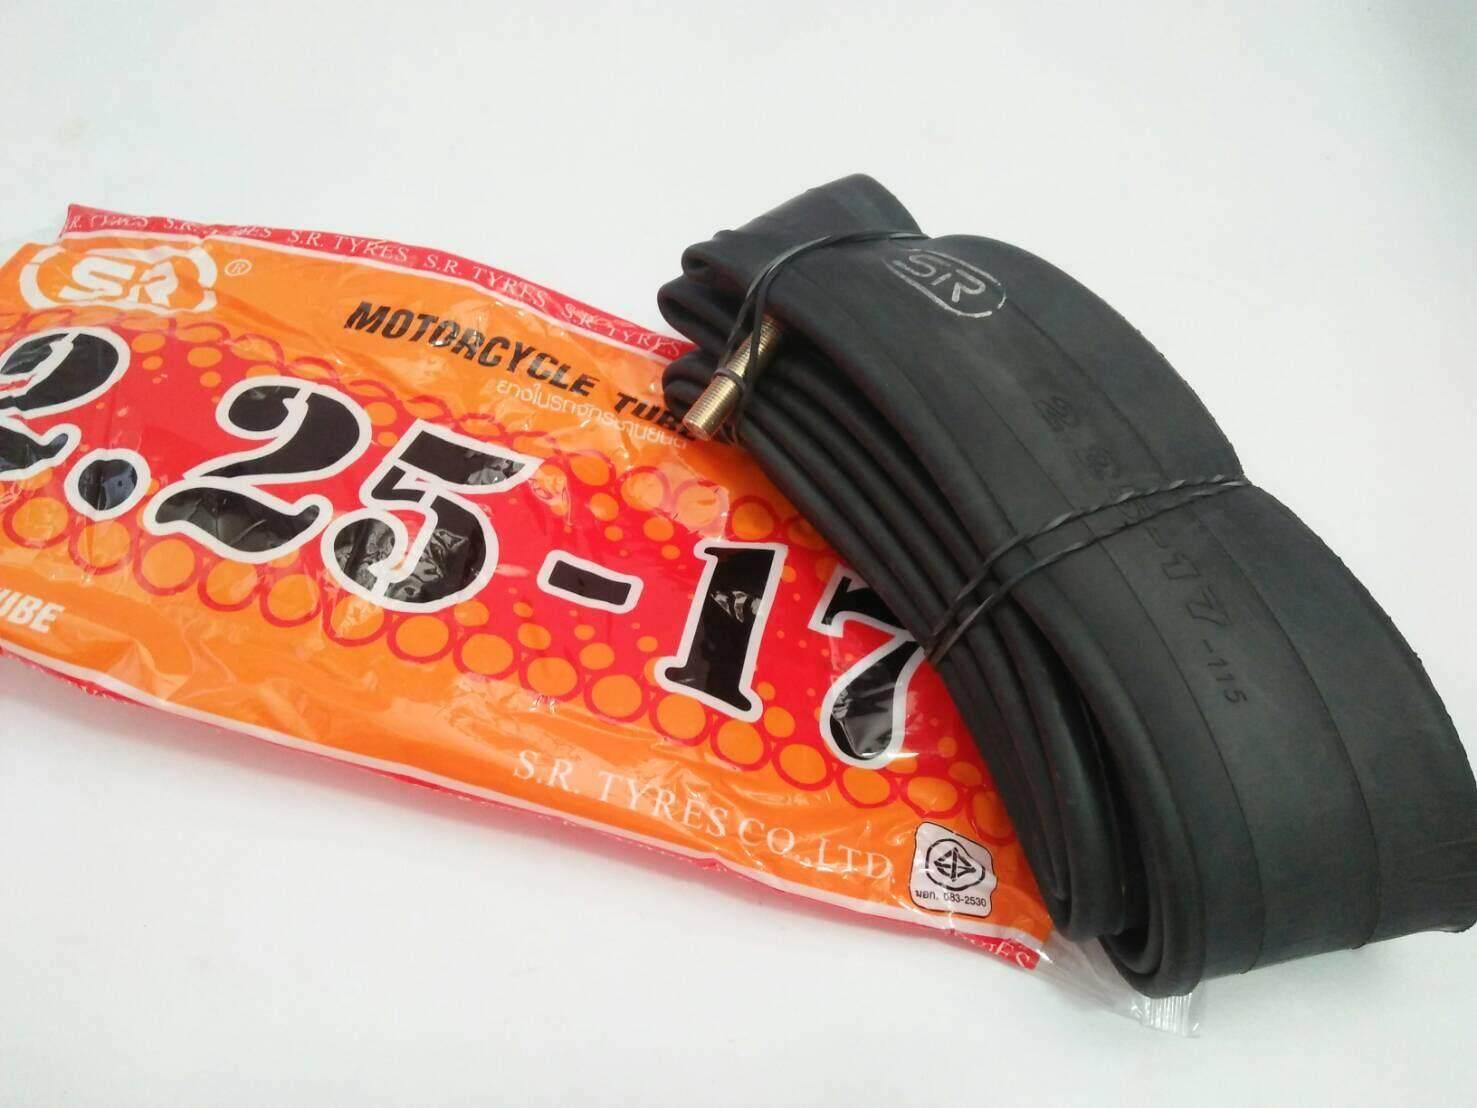 ยางในรถจักรยานยนต์ 2.25-17 Sr By T_driveshop.